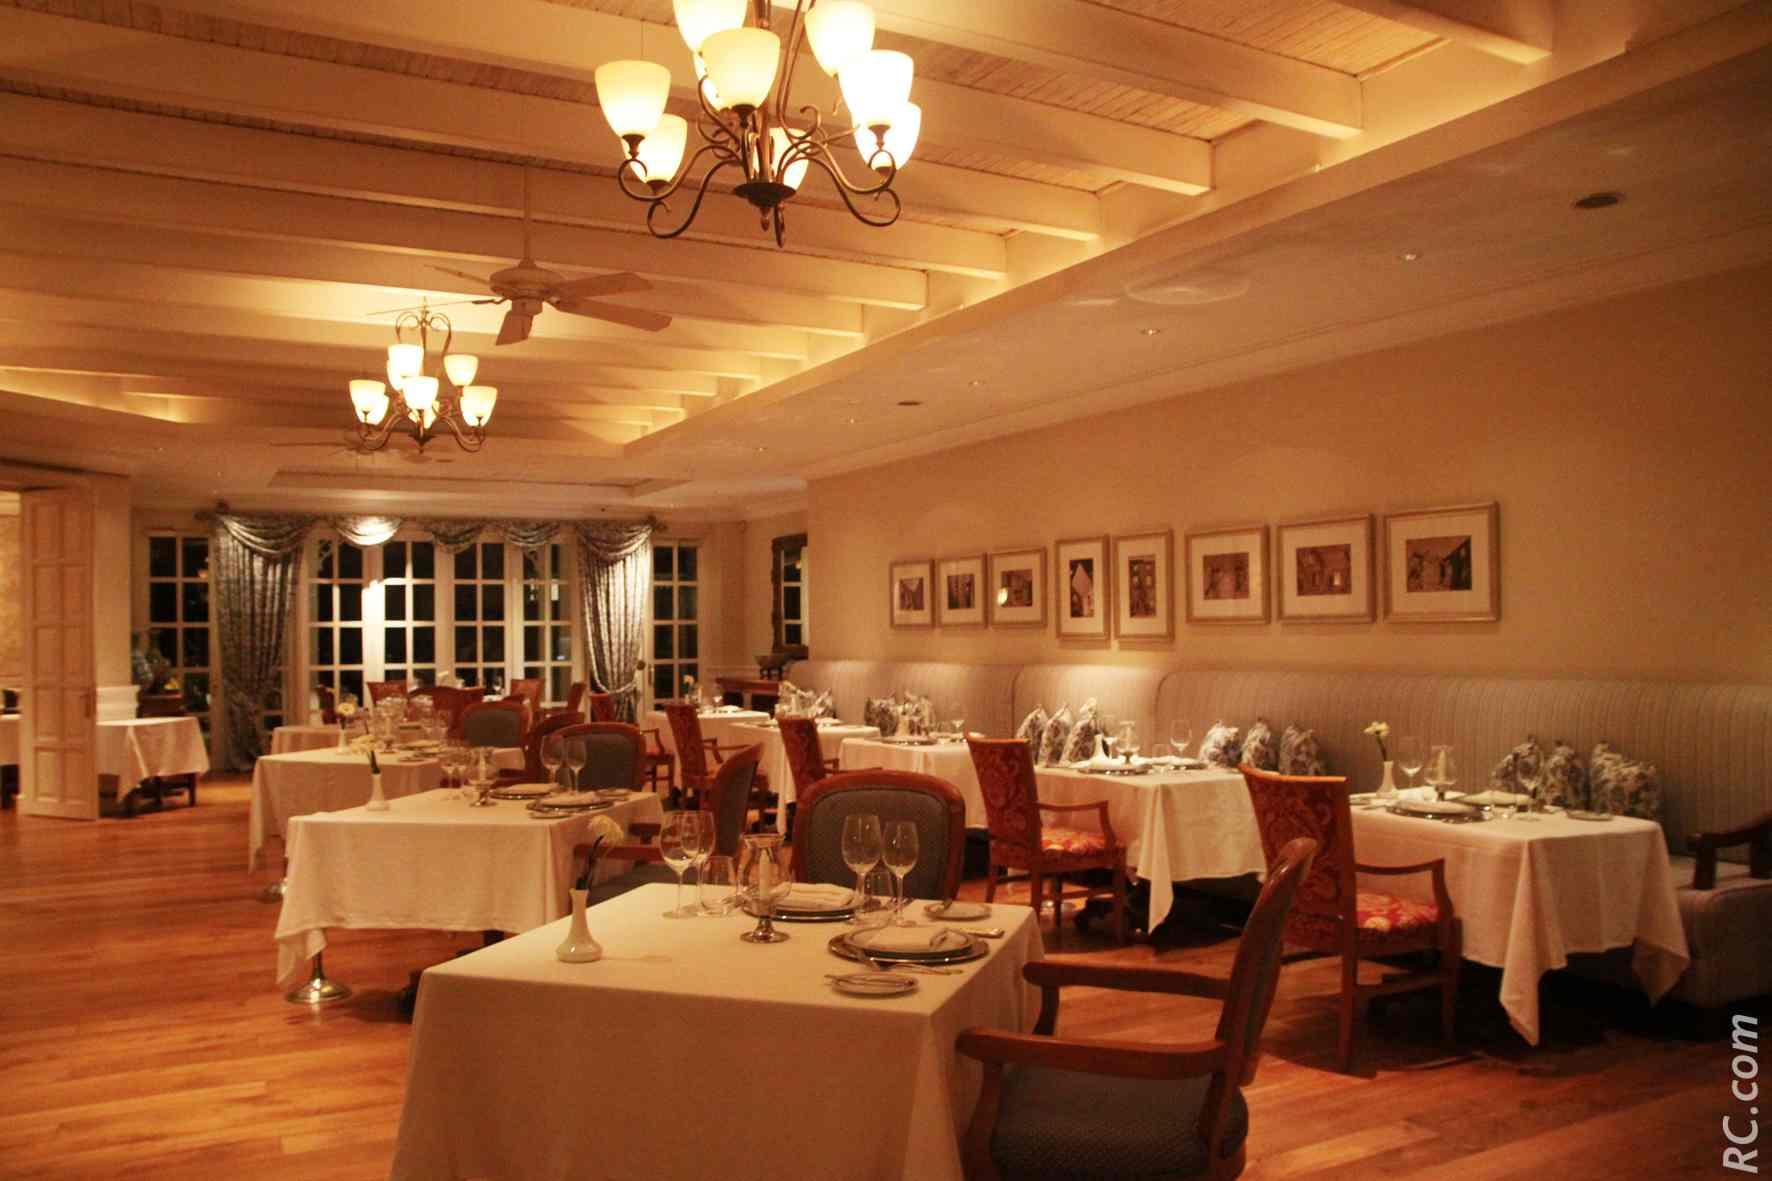 La grande salle du Mon Désir. «La vraie cuisine est une forme d'art. Un cadeau à partager» (Oprah Winfrey).